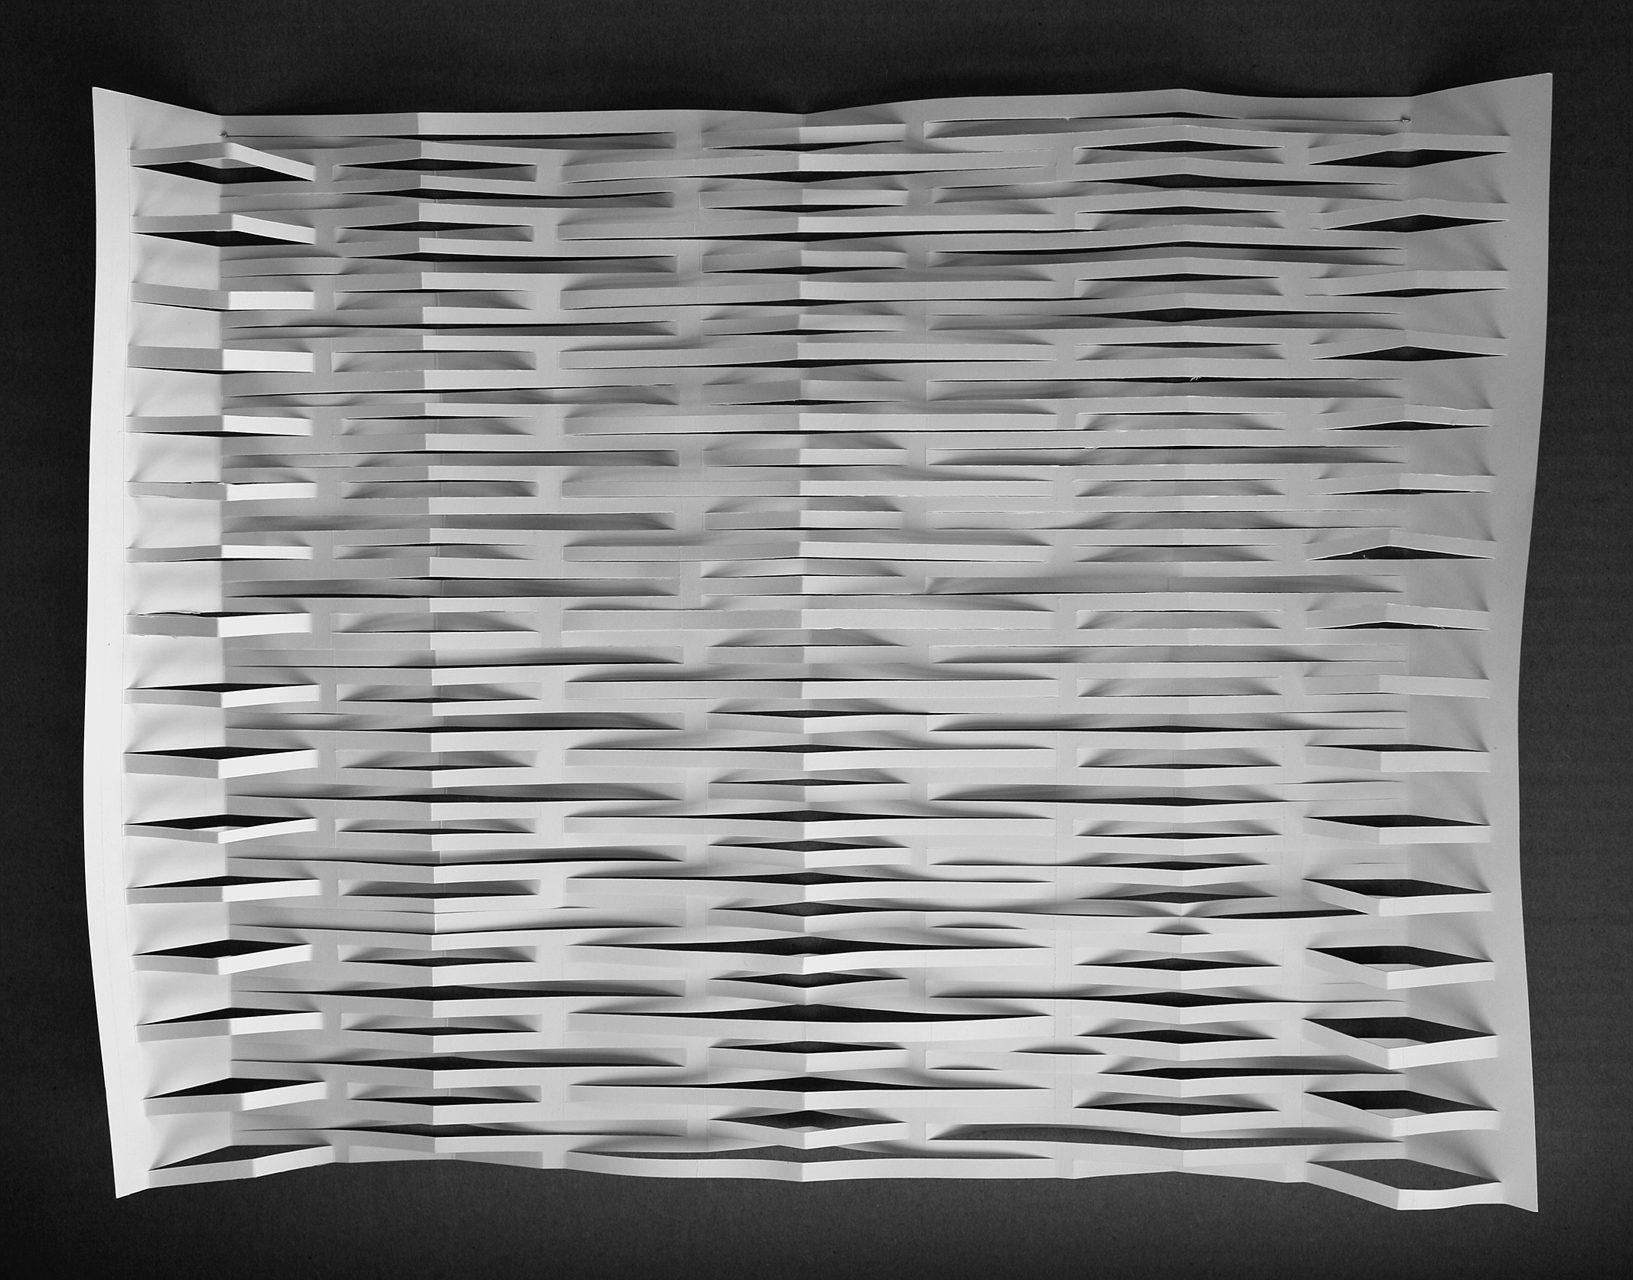 papier découpé en lignes régulières